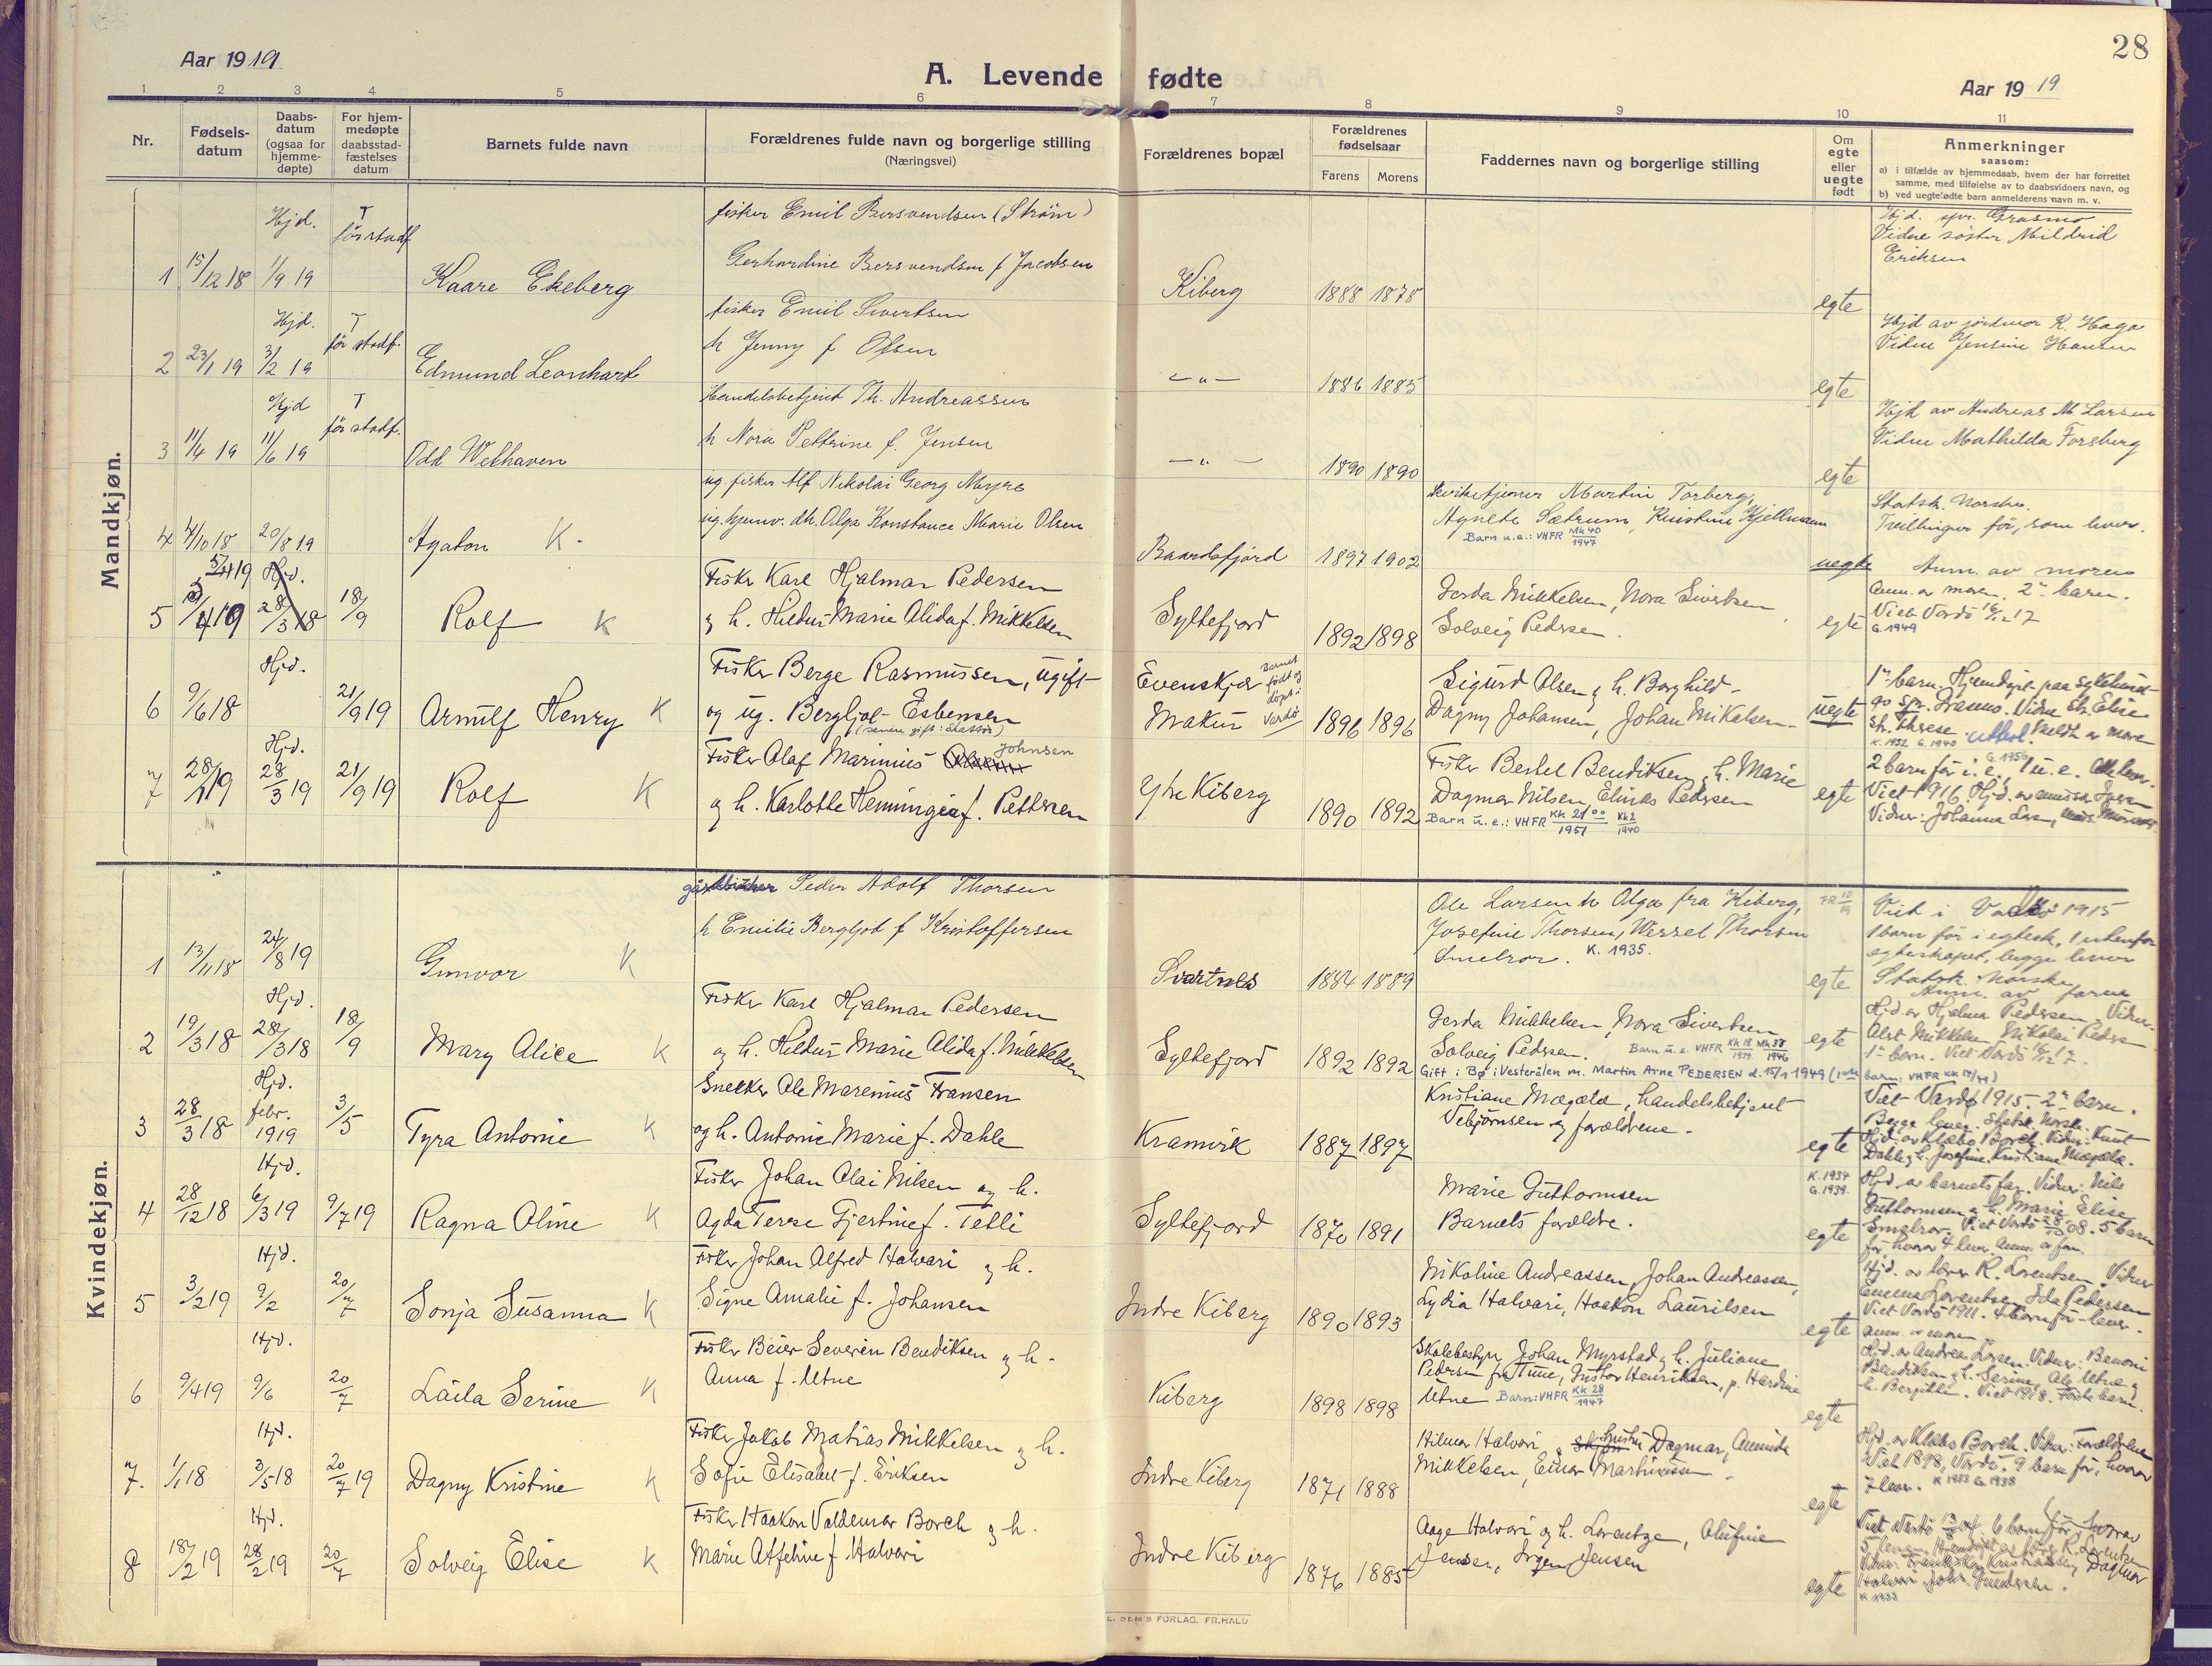 SATØ, Vardø sokneprestkontor, H/Ha/L0013kirke: Ministerialbok nr. 13, 1912-1928, s. 28